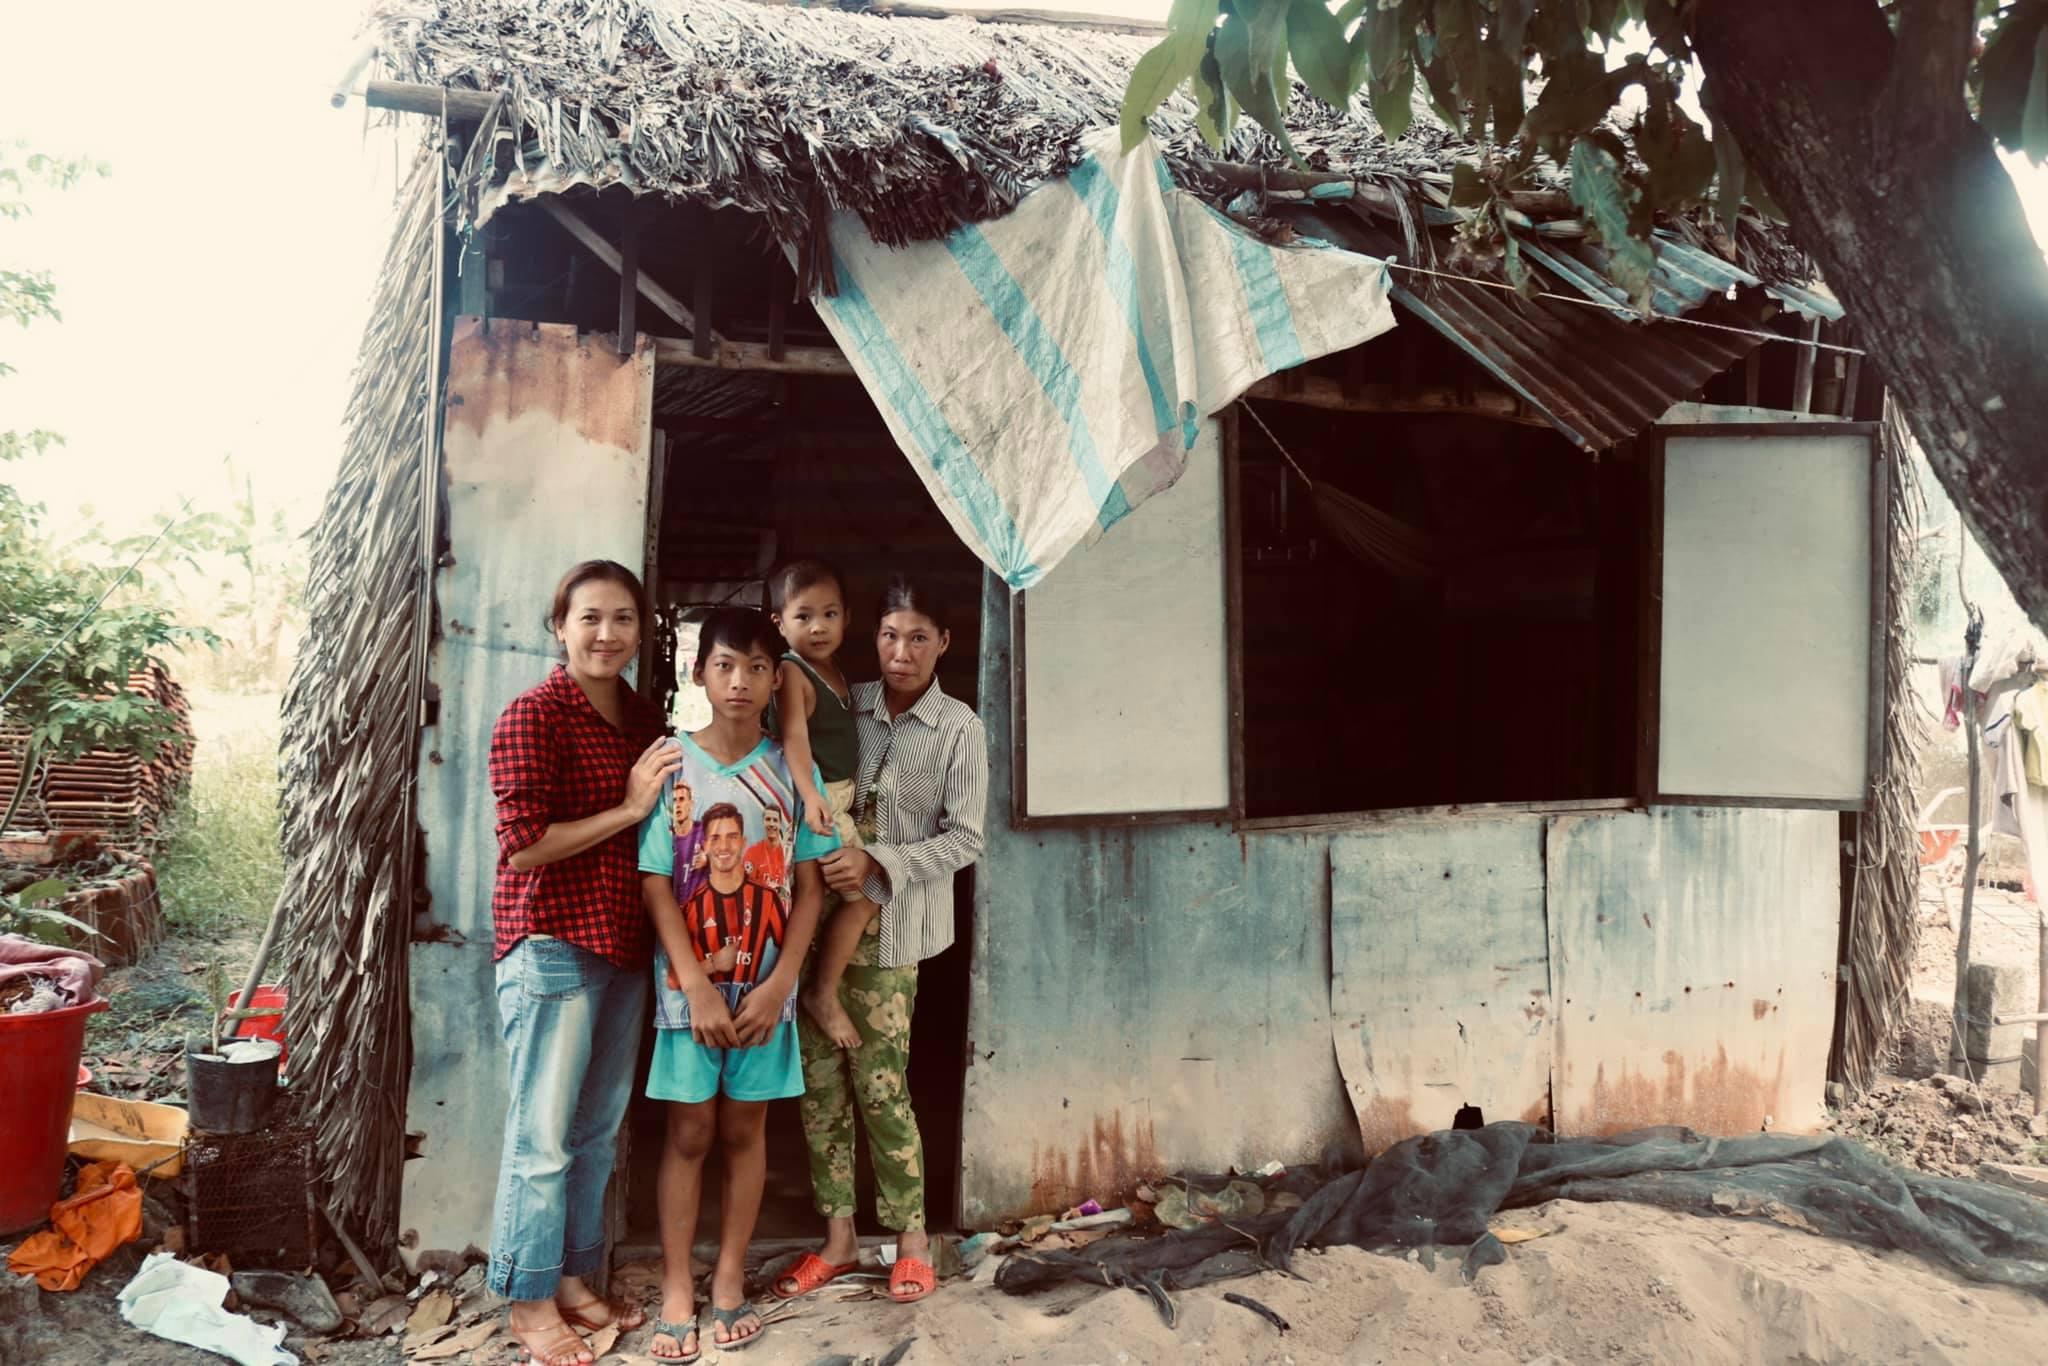 Sát cánh cùng gia đình Việt gửi đi những ƯỚC MƠ